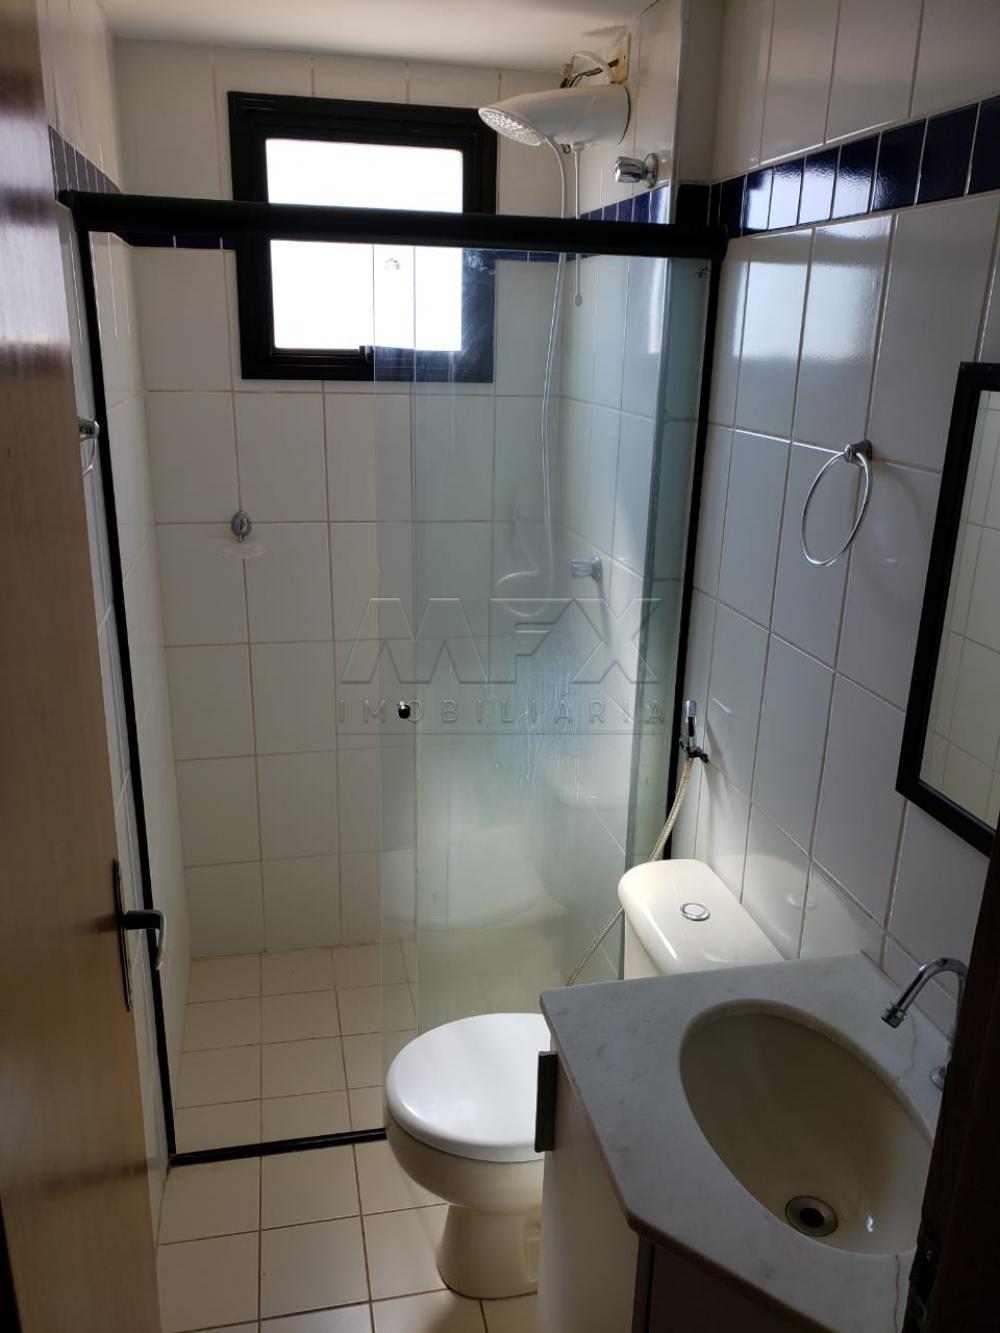 Alugar Apartamento / Padrão em Bauru apenas R$ 1.550,00 - Foto 2